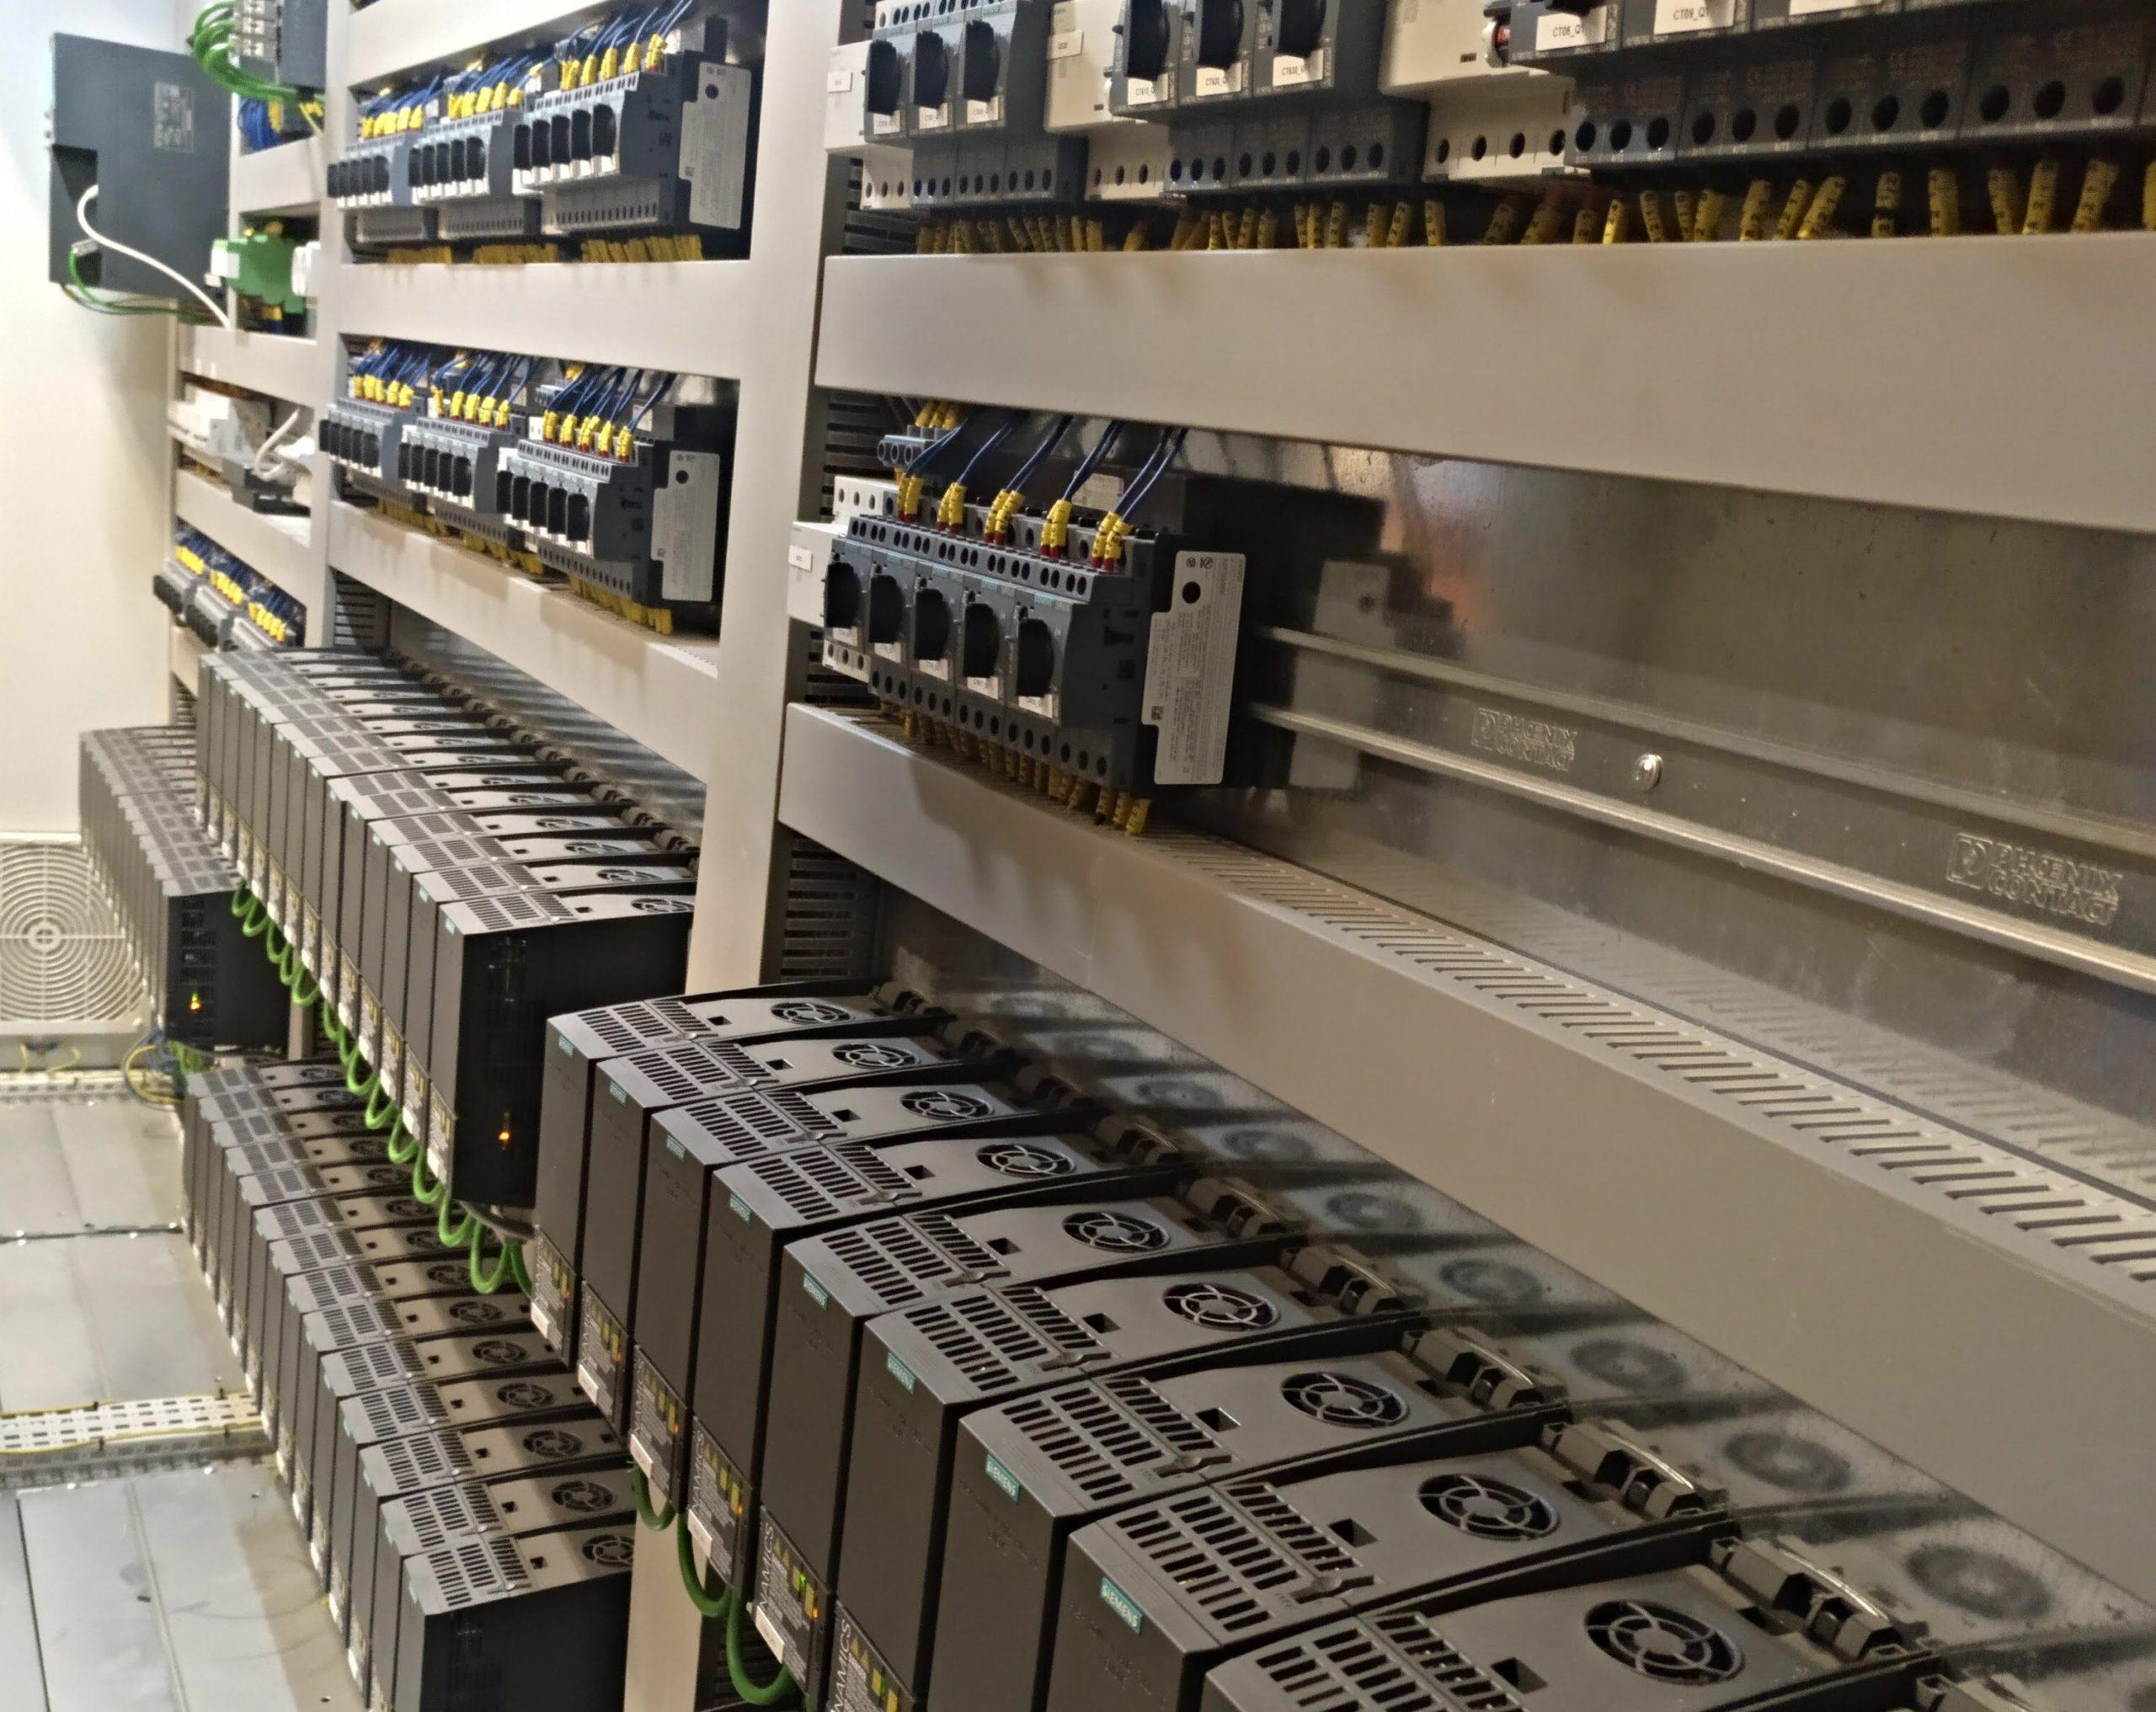 Cuadro potencia y control Siemens